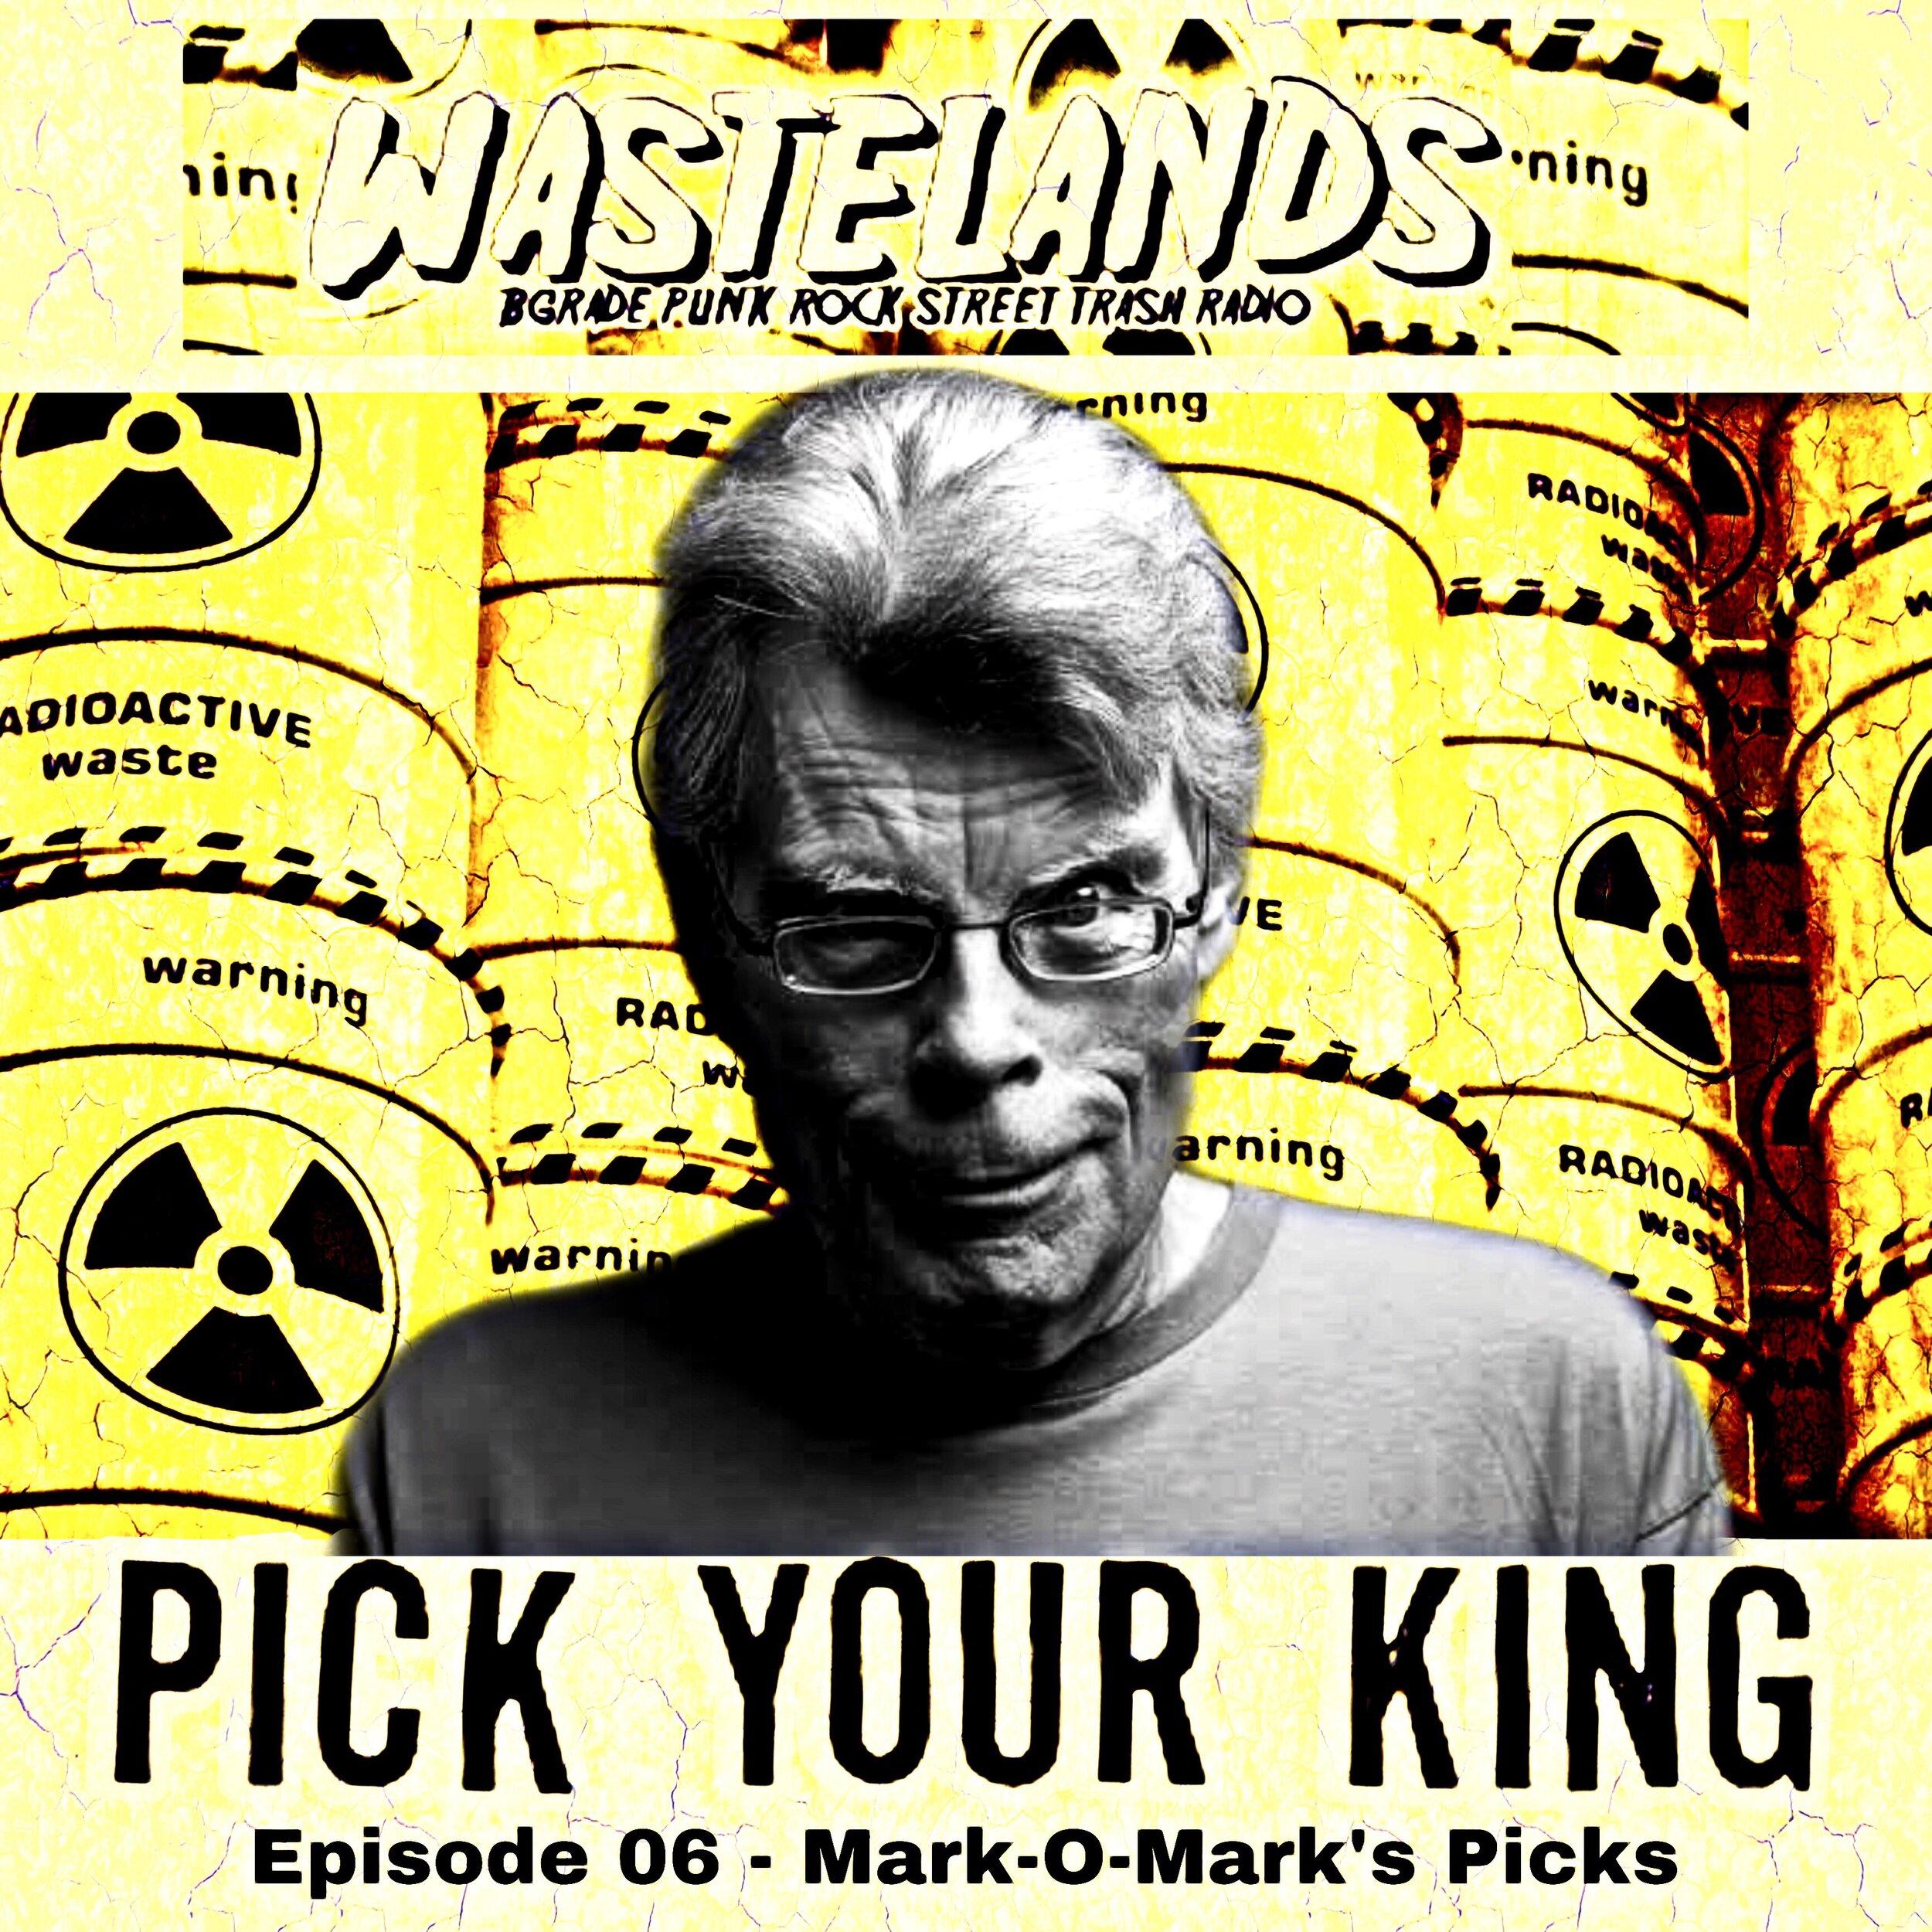 Episode 06 -Pick Your Kings Part 2 - Mark-O-Mark's Picks